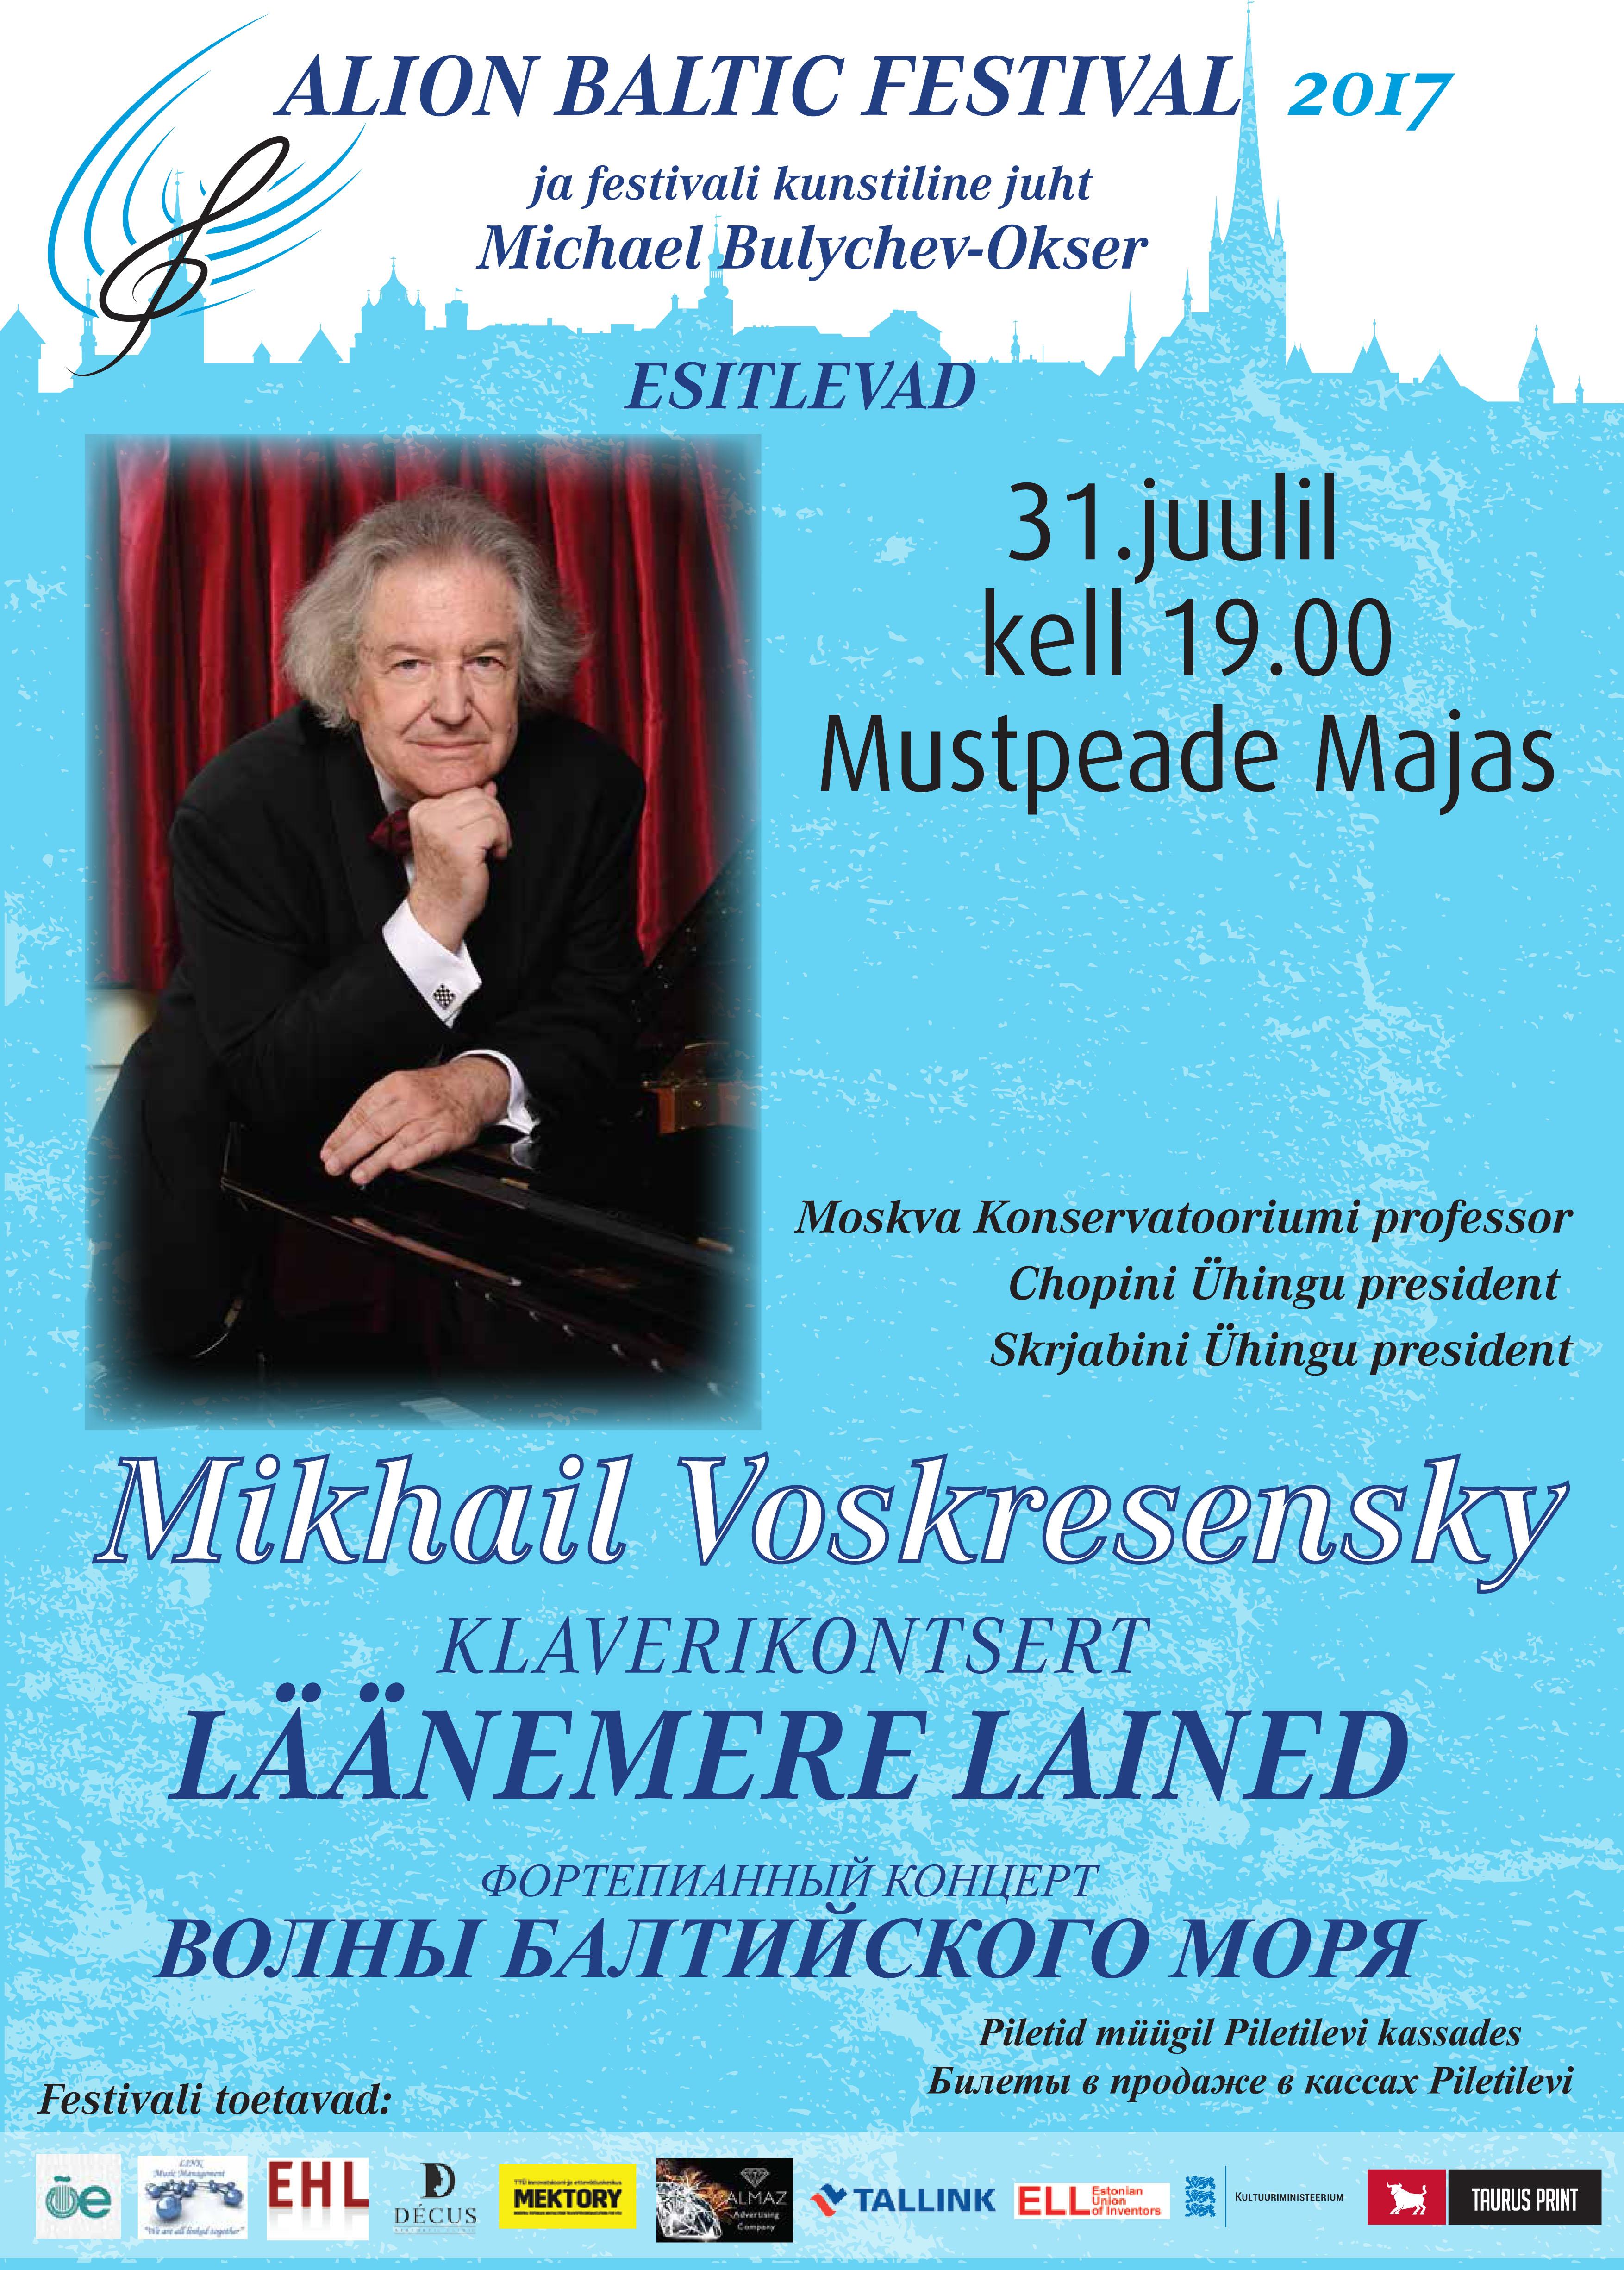 Mikhail Voskresensky - KLAVERIKONTSERT